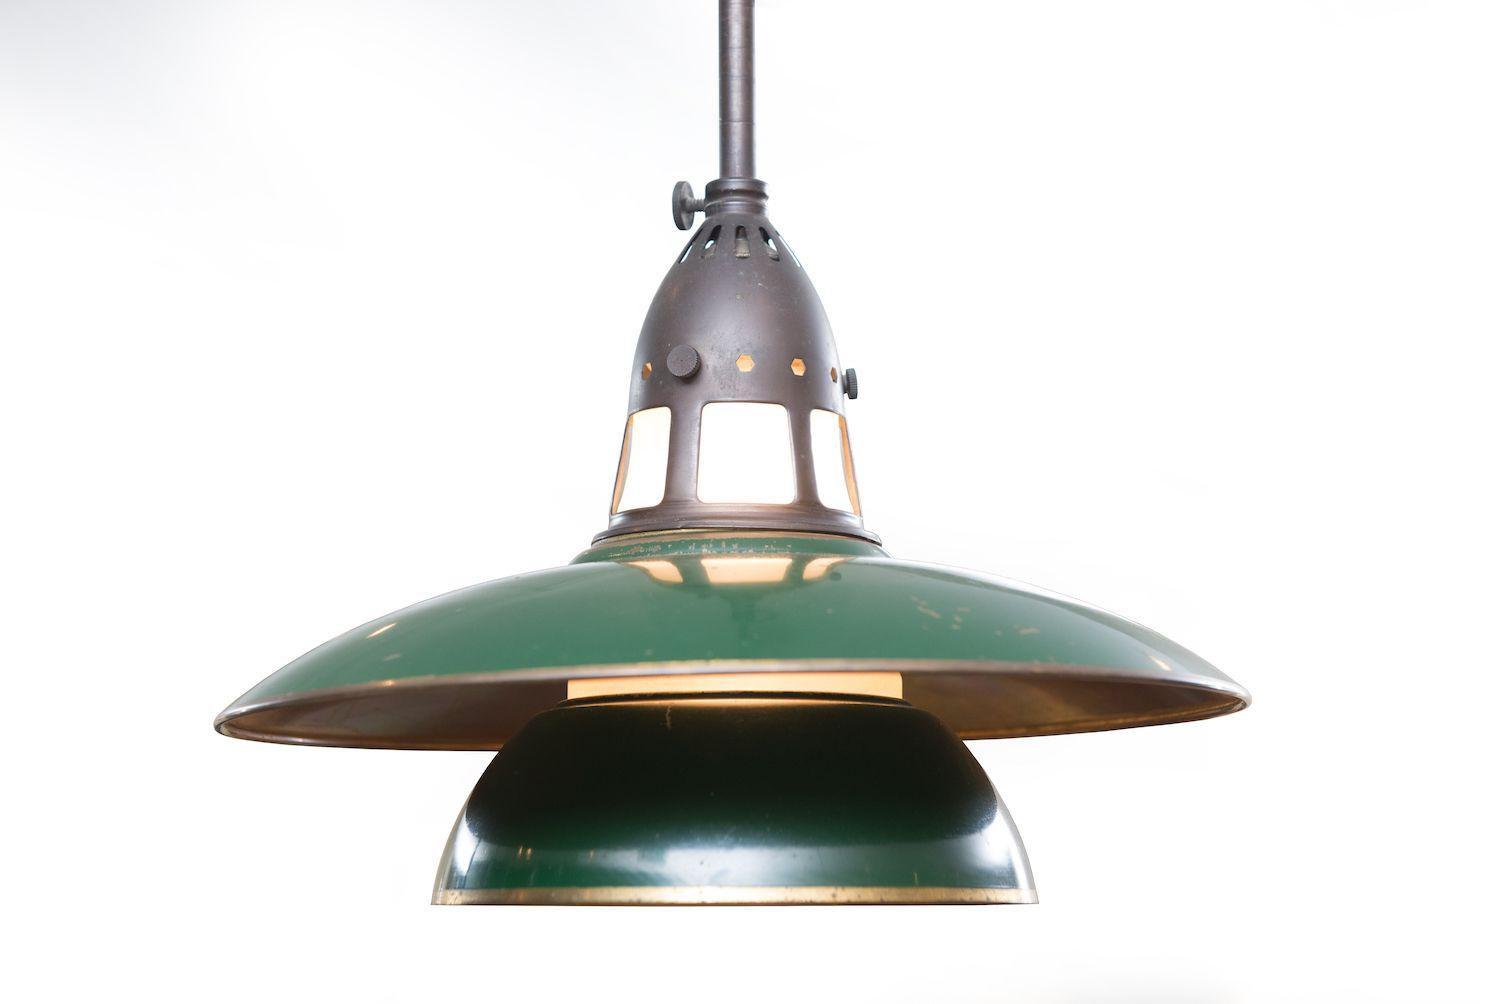 Lampade A Sospensione Vintage : Lampada a sospensione vintage acquista lampade a sospensione